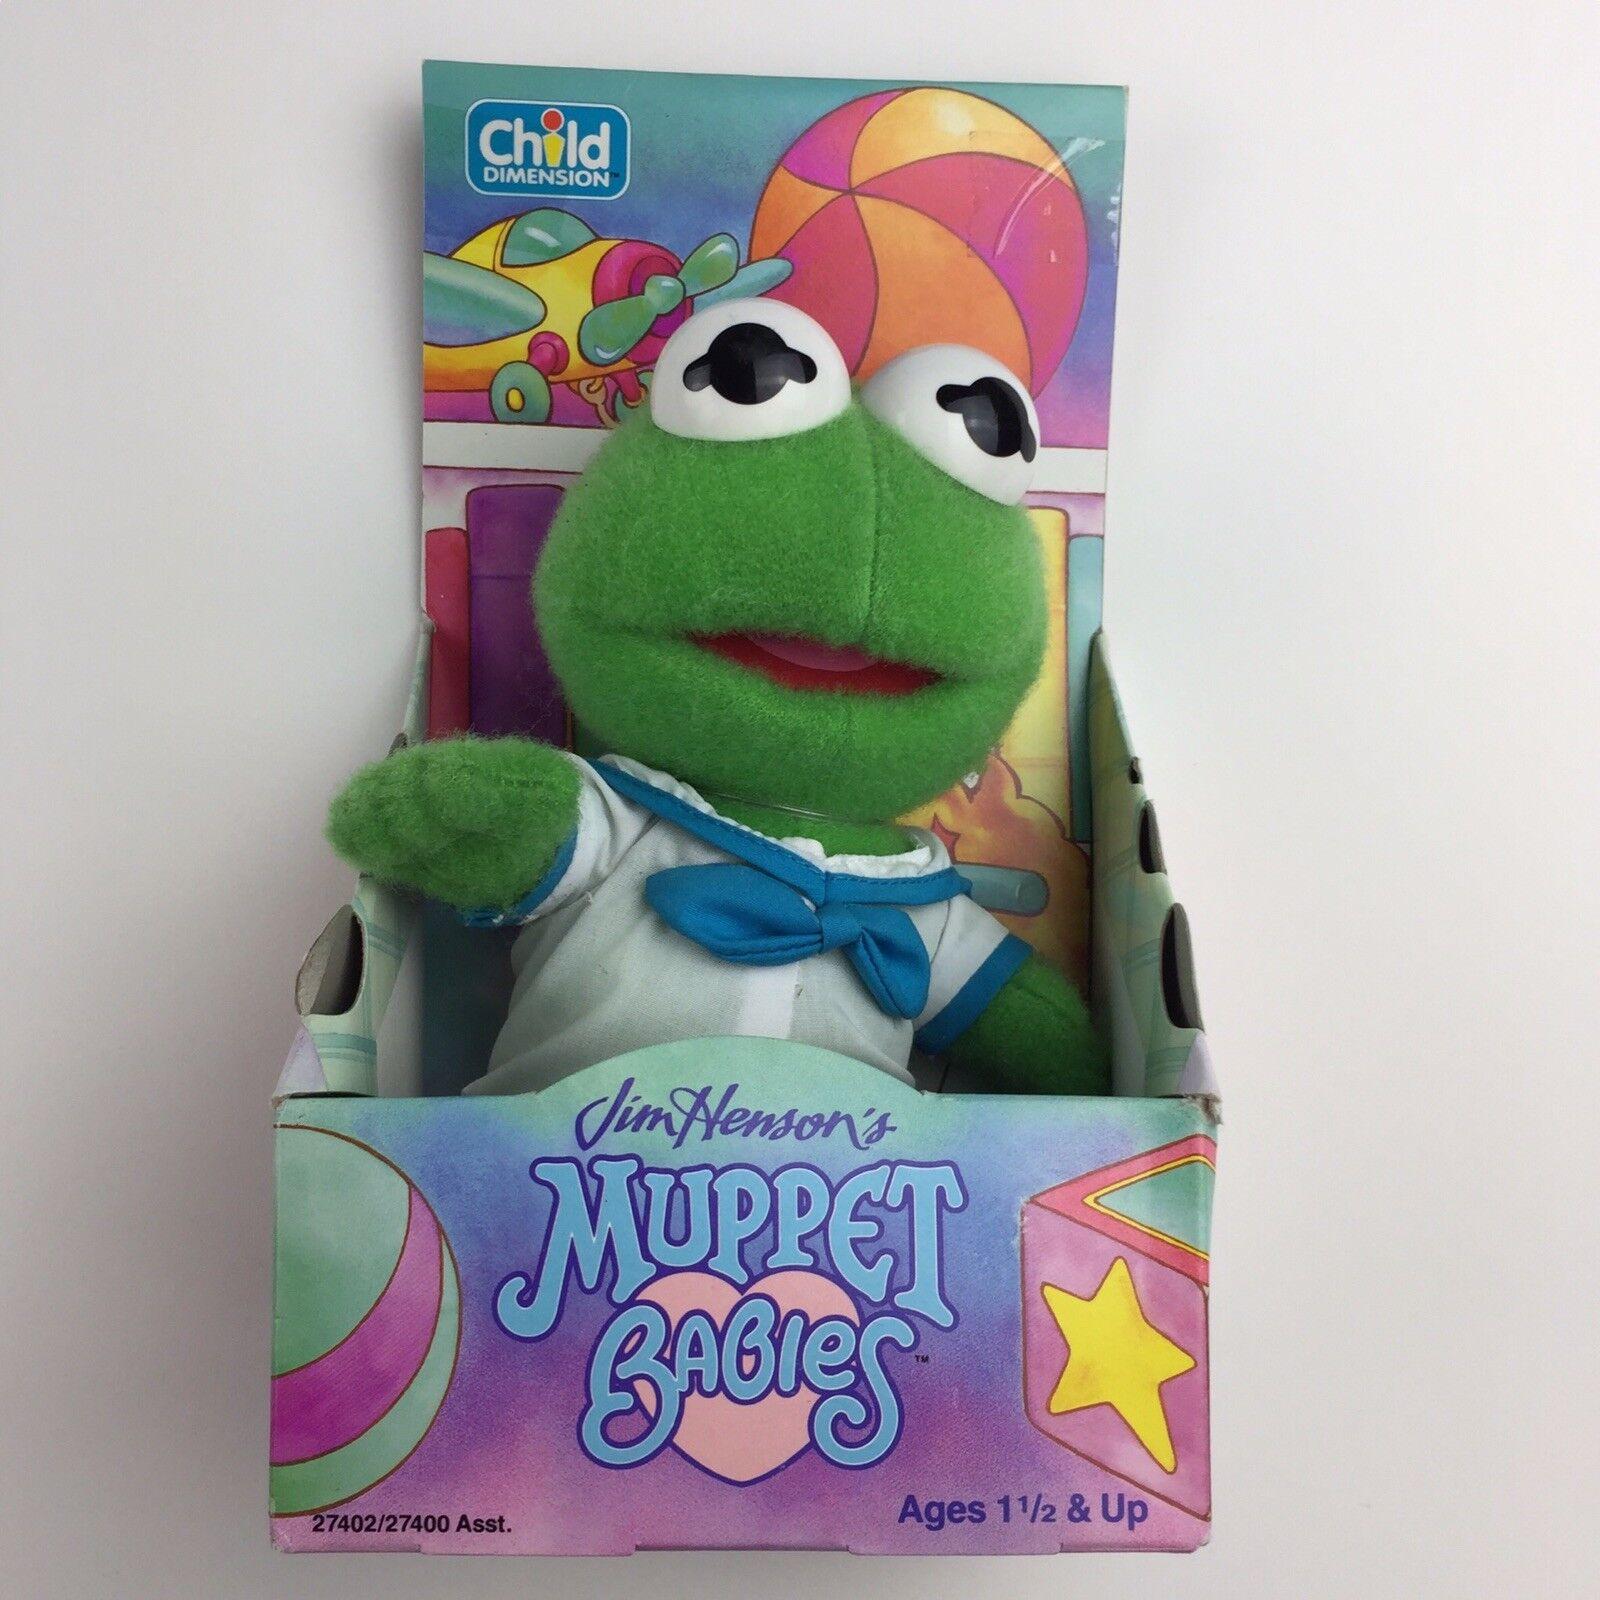 NIP vendimia, 1992, marioneta, marinegro Kermit, talla de niño Jim Henson.